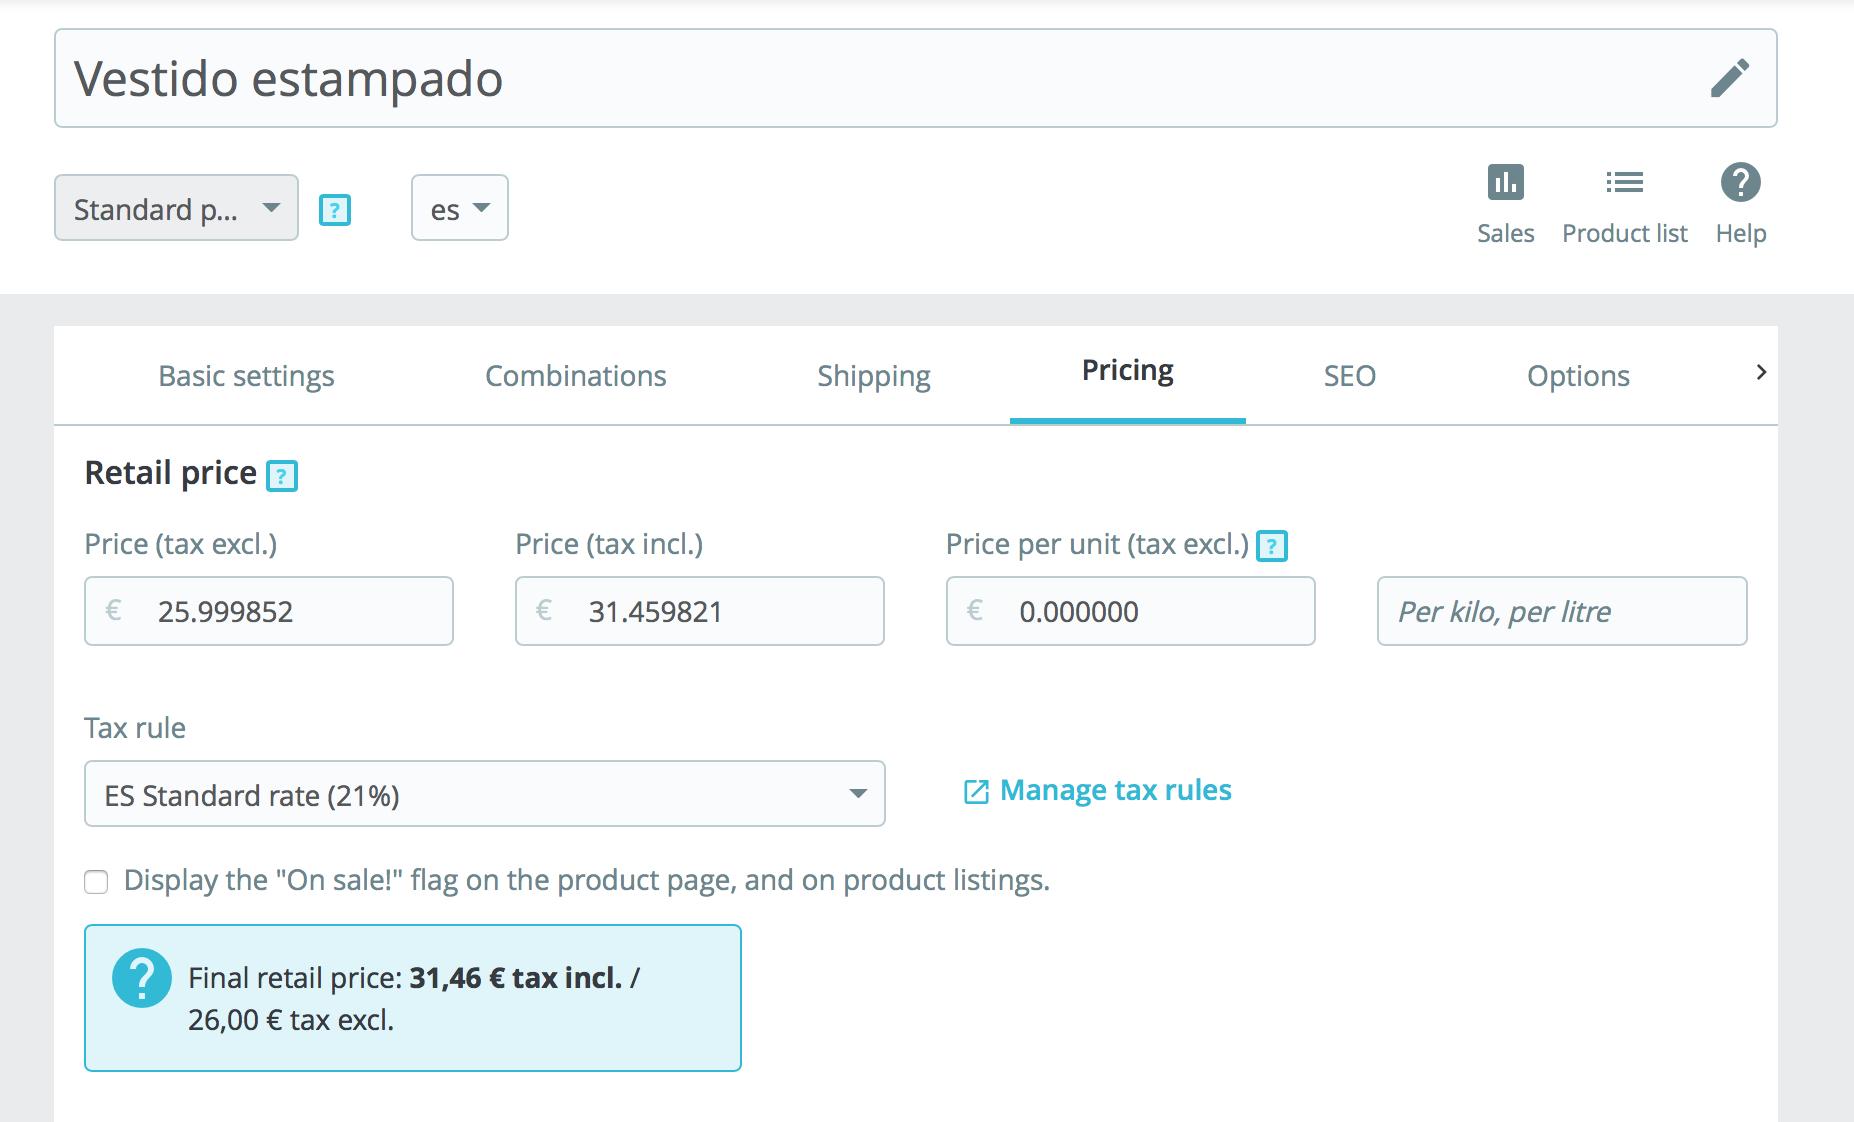 Se configura aqui precios, reglas de impuestos, precios específicos y prioridades en las reglas de precios